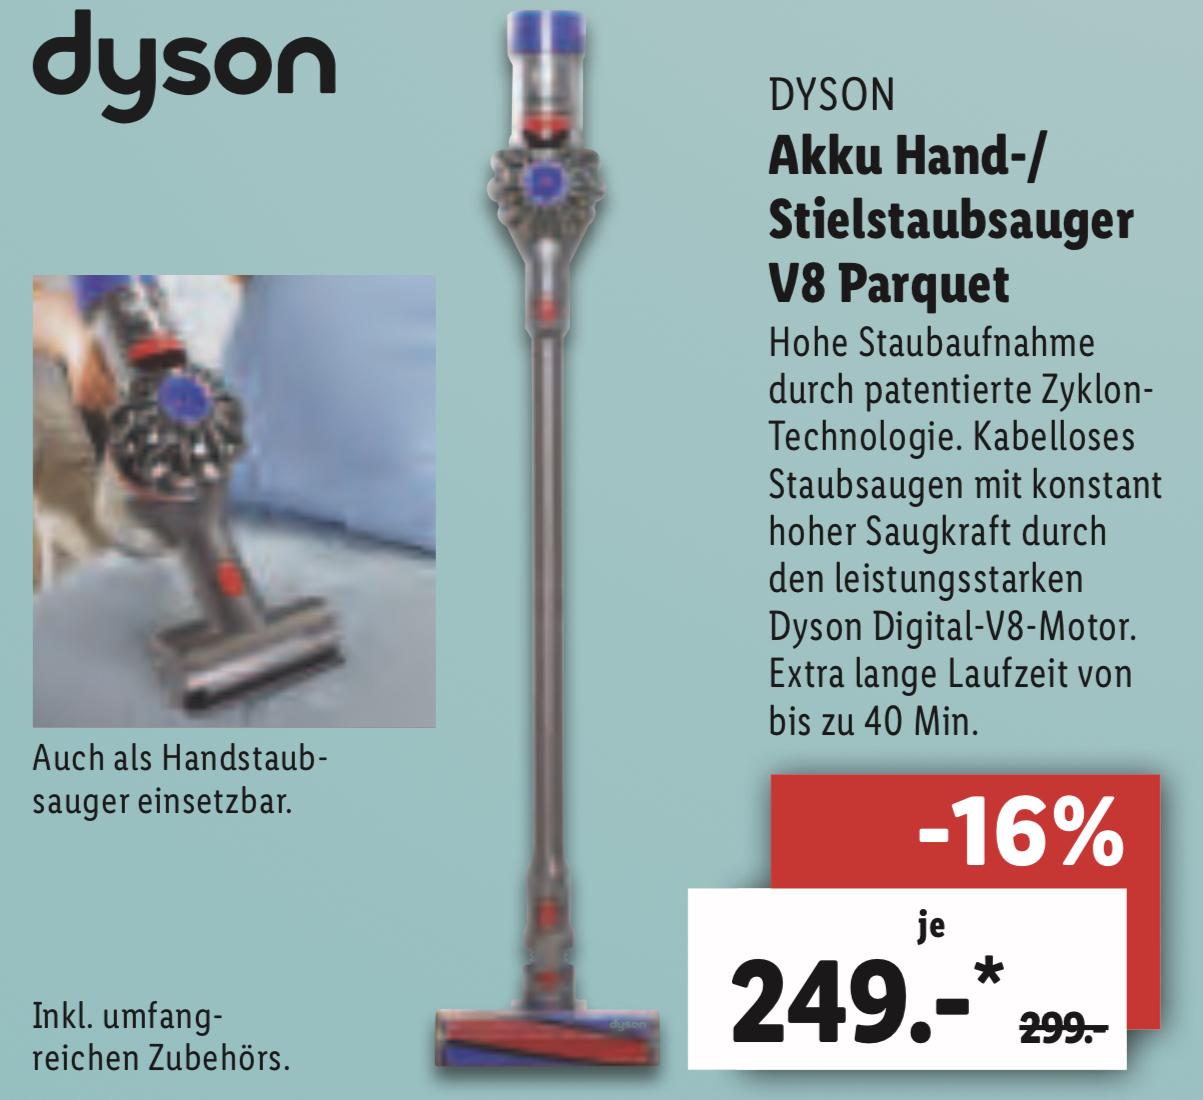 Lidl Stuttgart: Dyson V8 Parquet Akku Handstaubsauger inkl. umfangreichen Zubehör für 244€ / Grundig 123cm 49 Zoll fire TV Edition für 244€